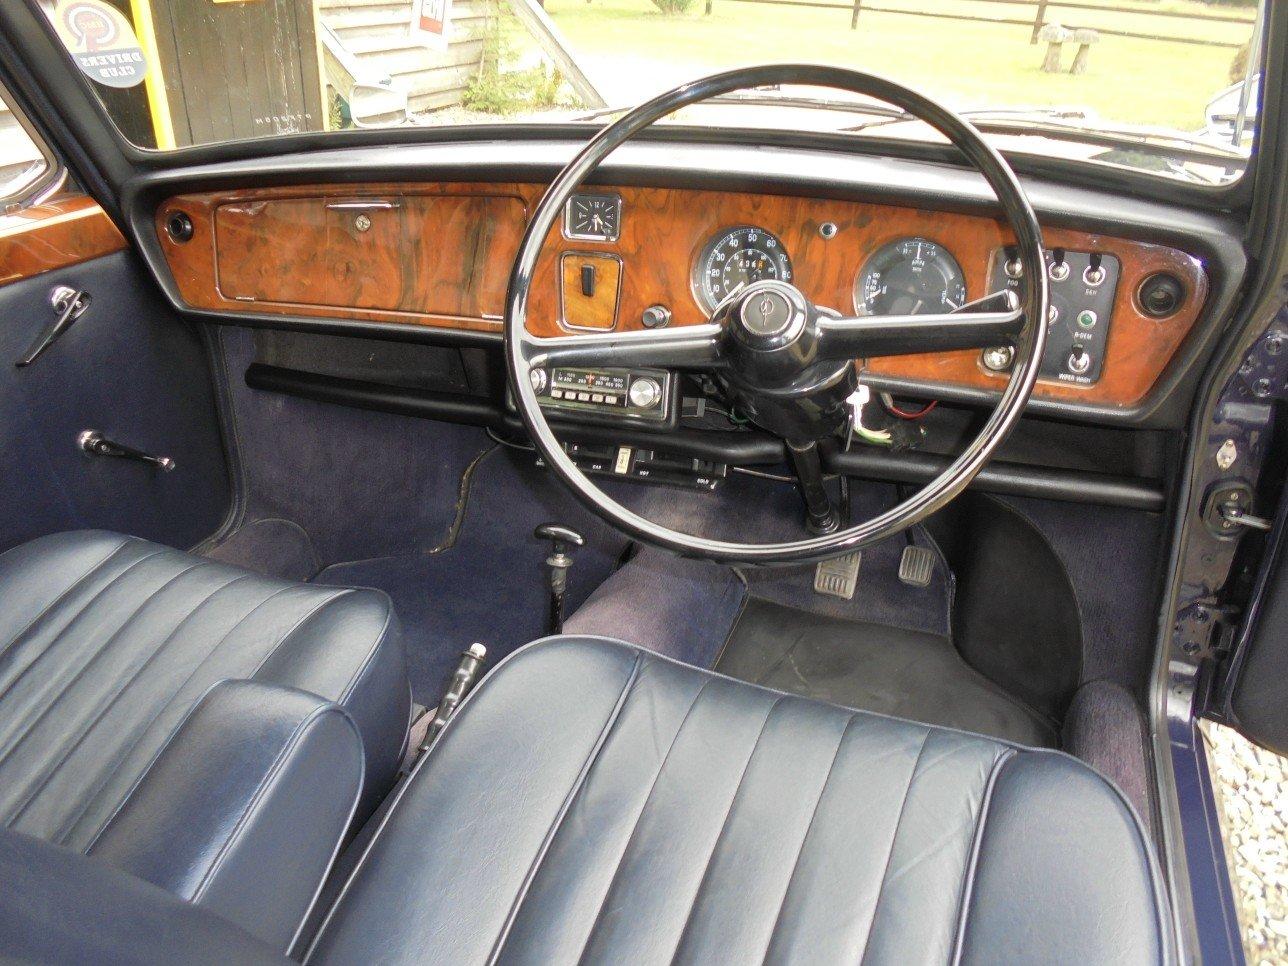 1973 Vanden Plas Princess 1300 Automatic 4 Door Saloon. SOLD (picture 4 of 6)